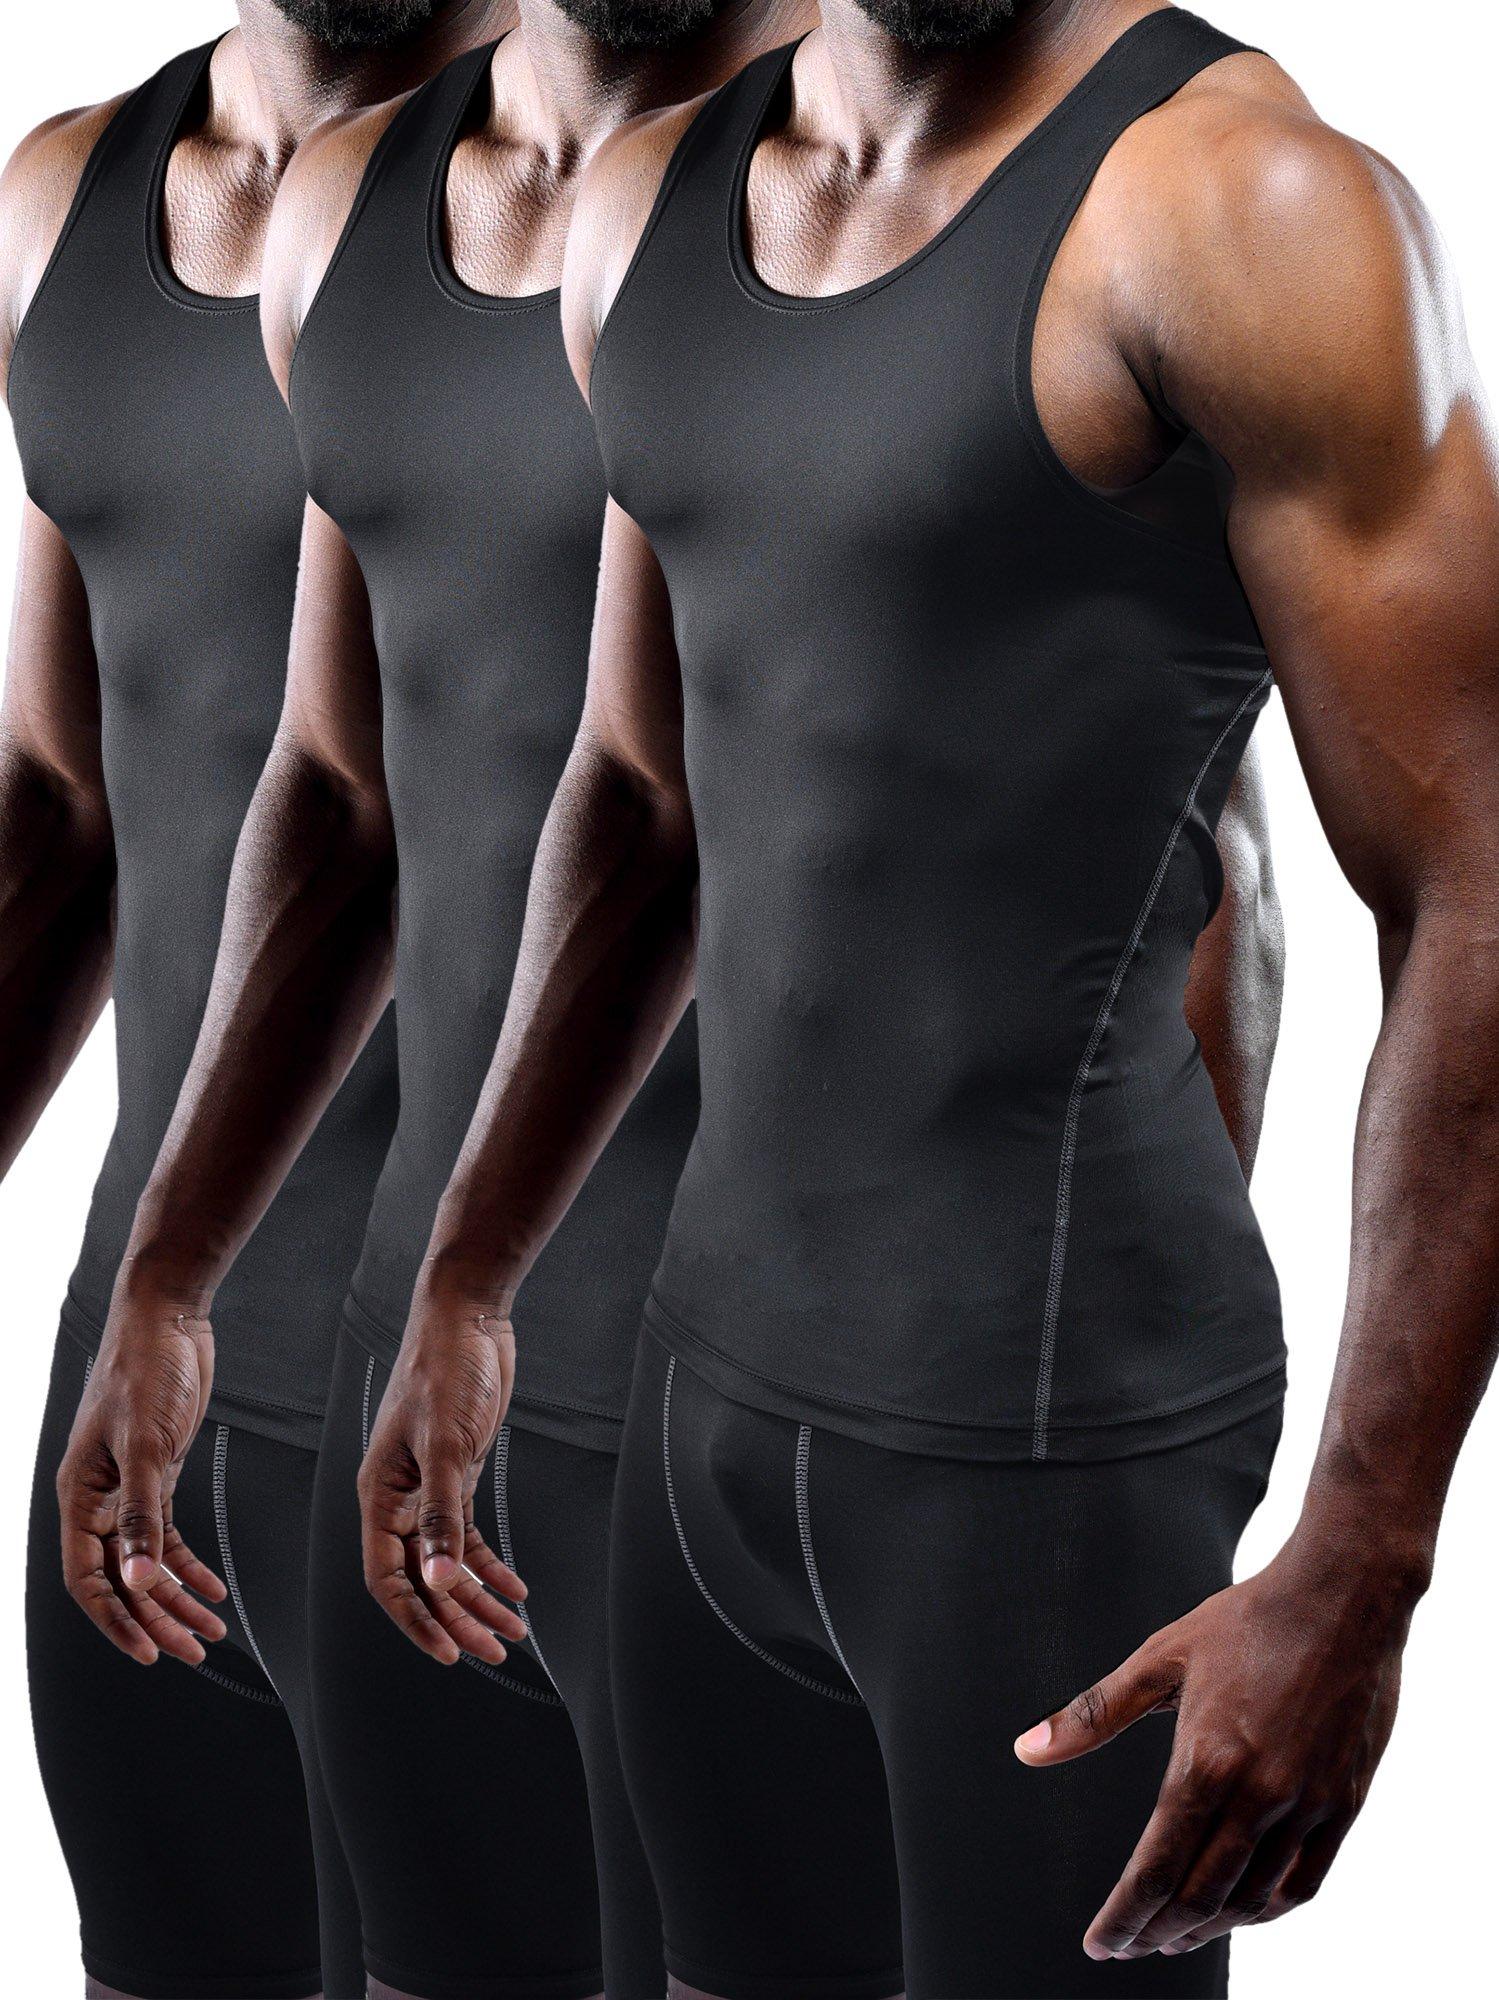 Neleus Men's Athletic 3 Pack Compression Under Base Layer Sport Tank Top,Black,XS,EUR S by Neleus (Image #1)